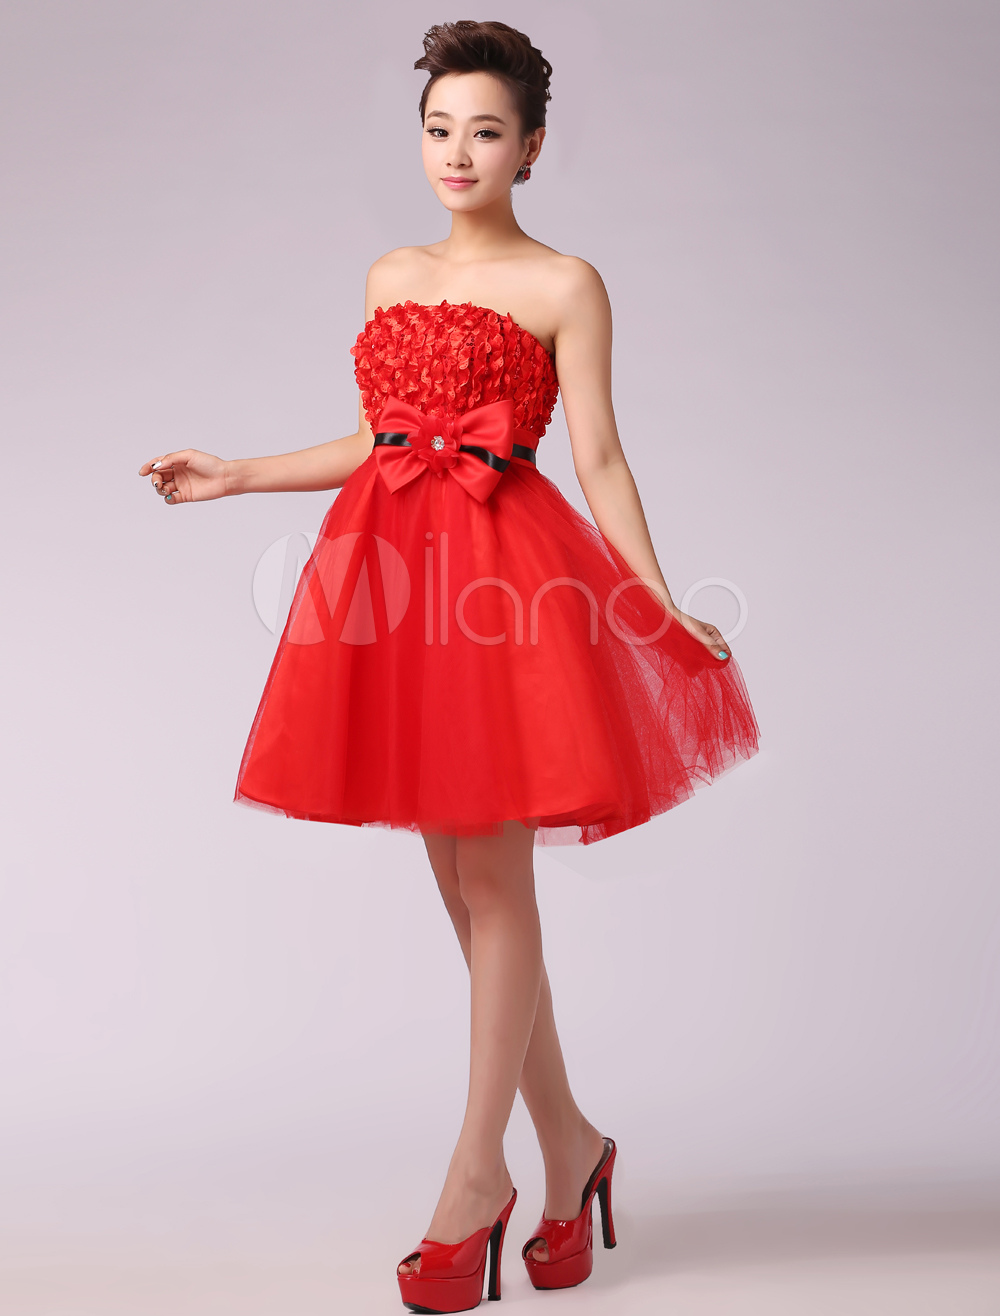 precio justo 100% Calidad 100% genuino Vestido de fiesta de tul rojo sin tirantes con flor de estilo dulce